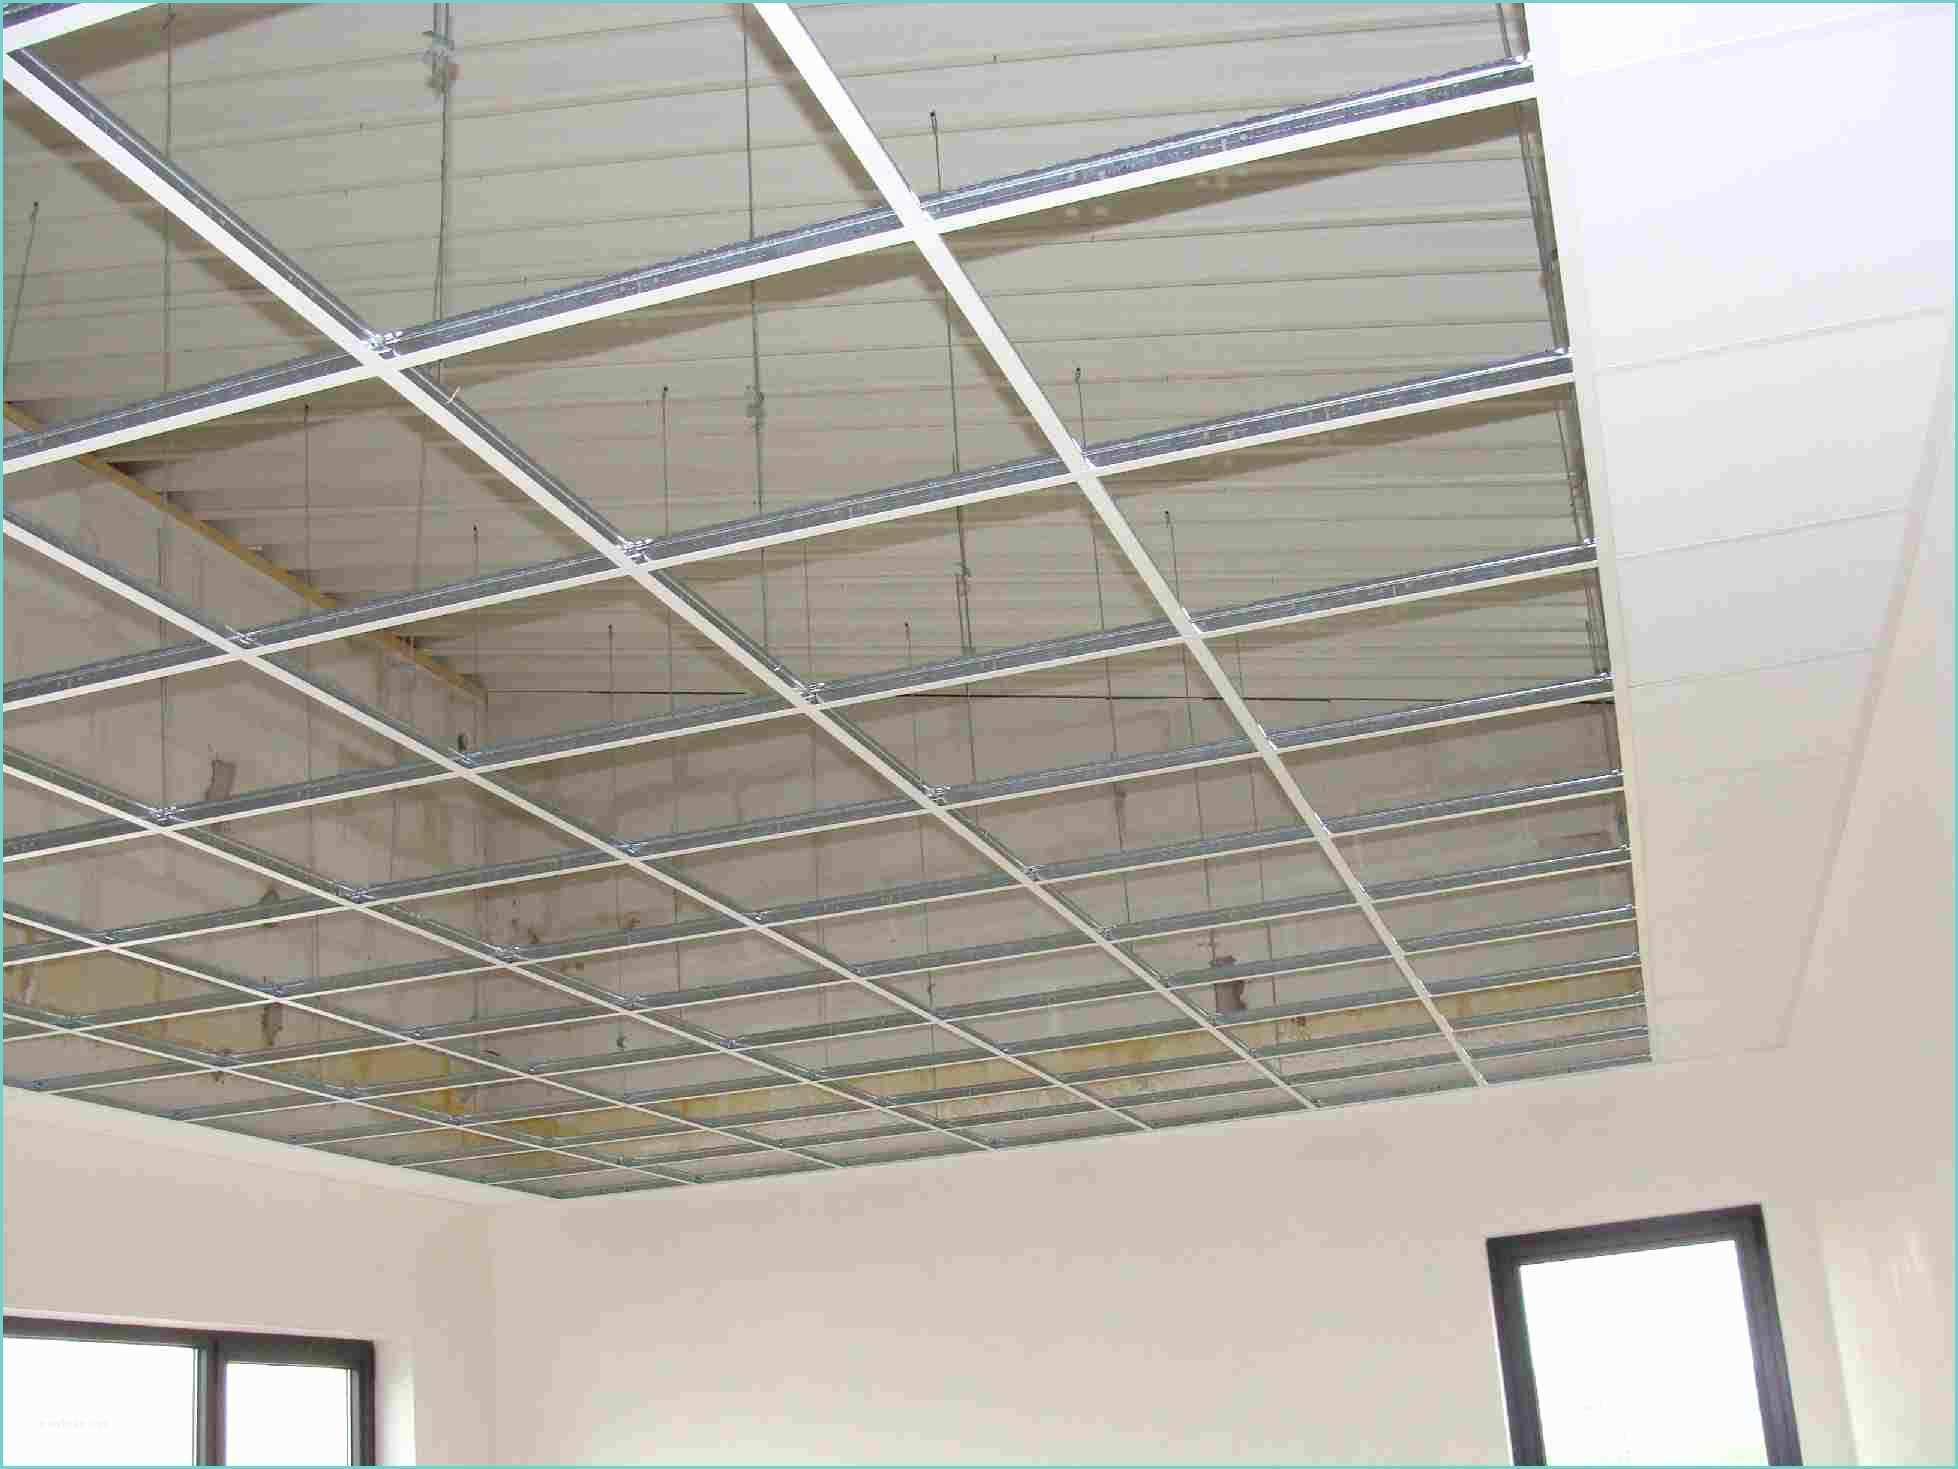 Dalle Led 60×60 Brico Depot Cuisine Faux Plafond Dalles Ou ... à Dalle Plafond Suspendu 60X60 Brico Depot